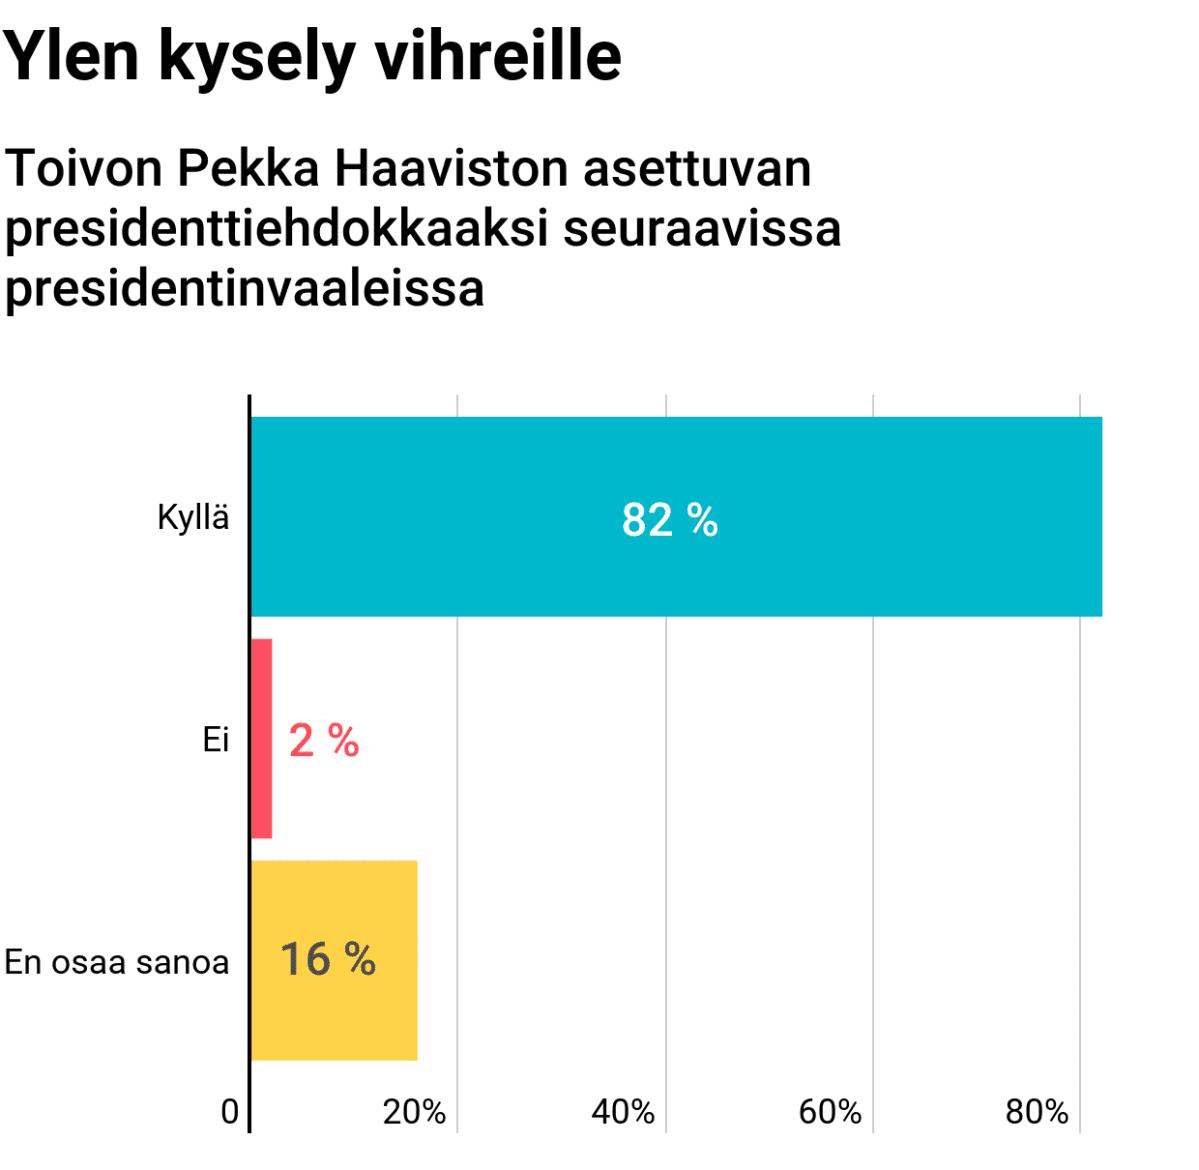 Toivon Pekka Haaviston asettuvan presidenttiehdokkaaksi seuraavissa presidentinvaaleissa.